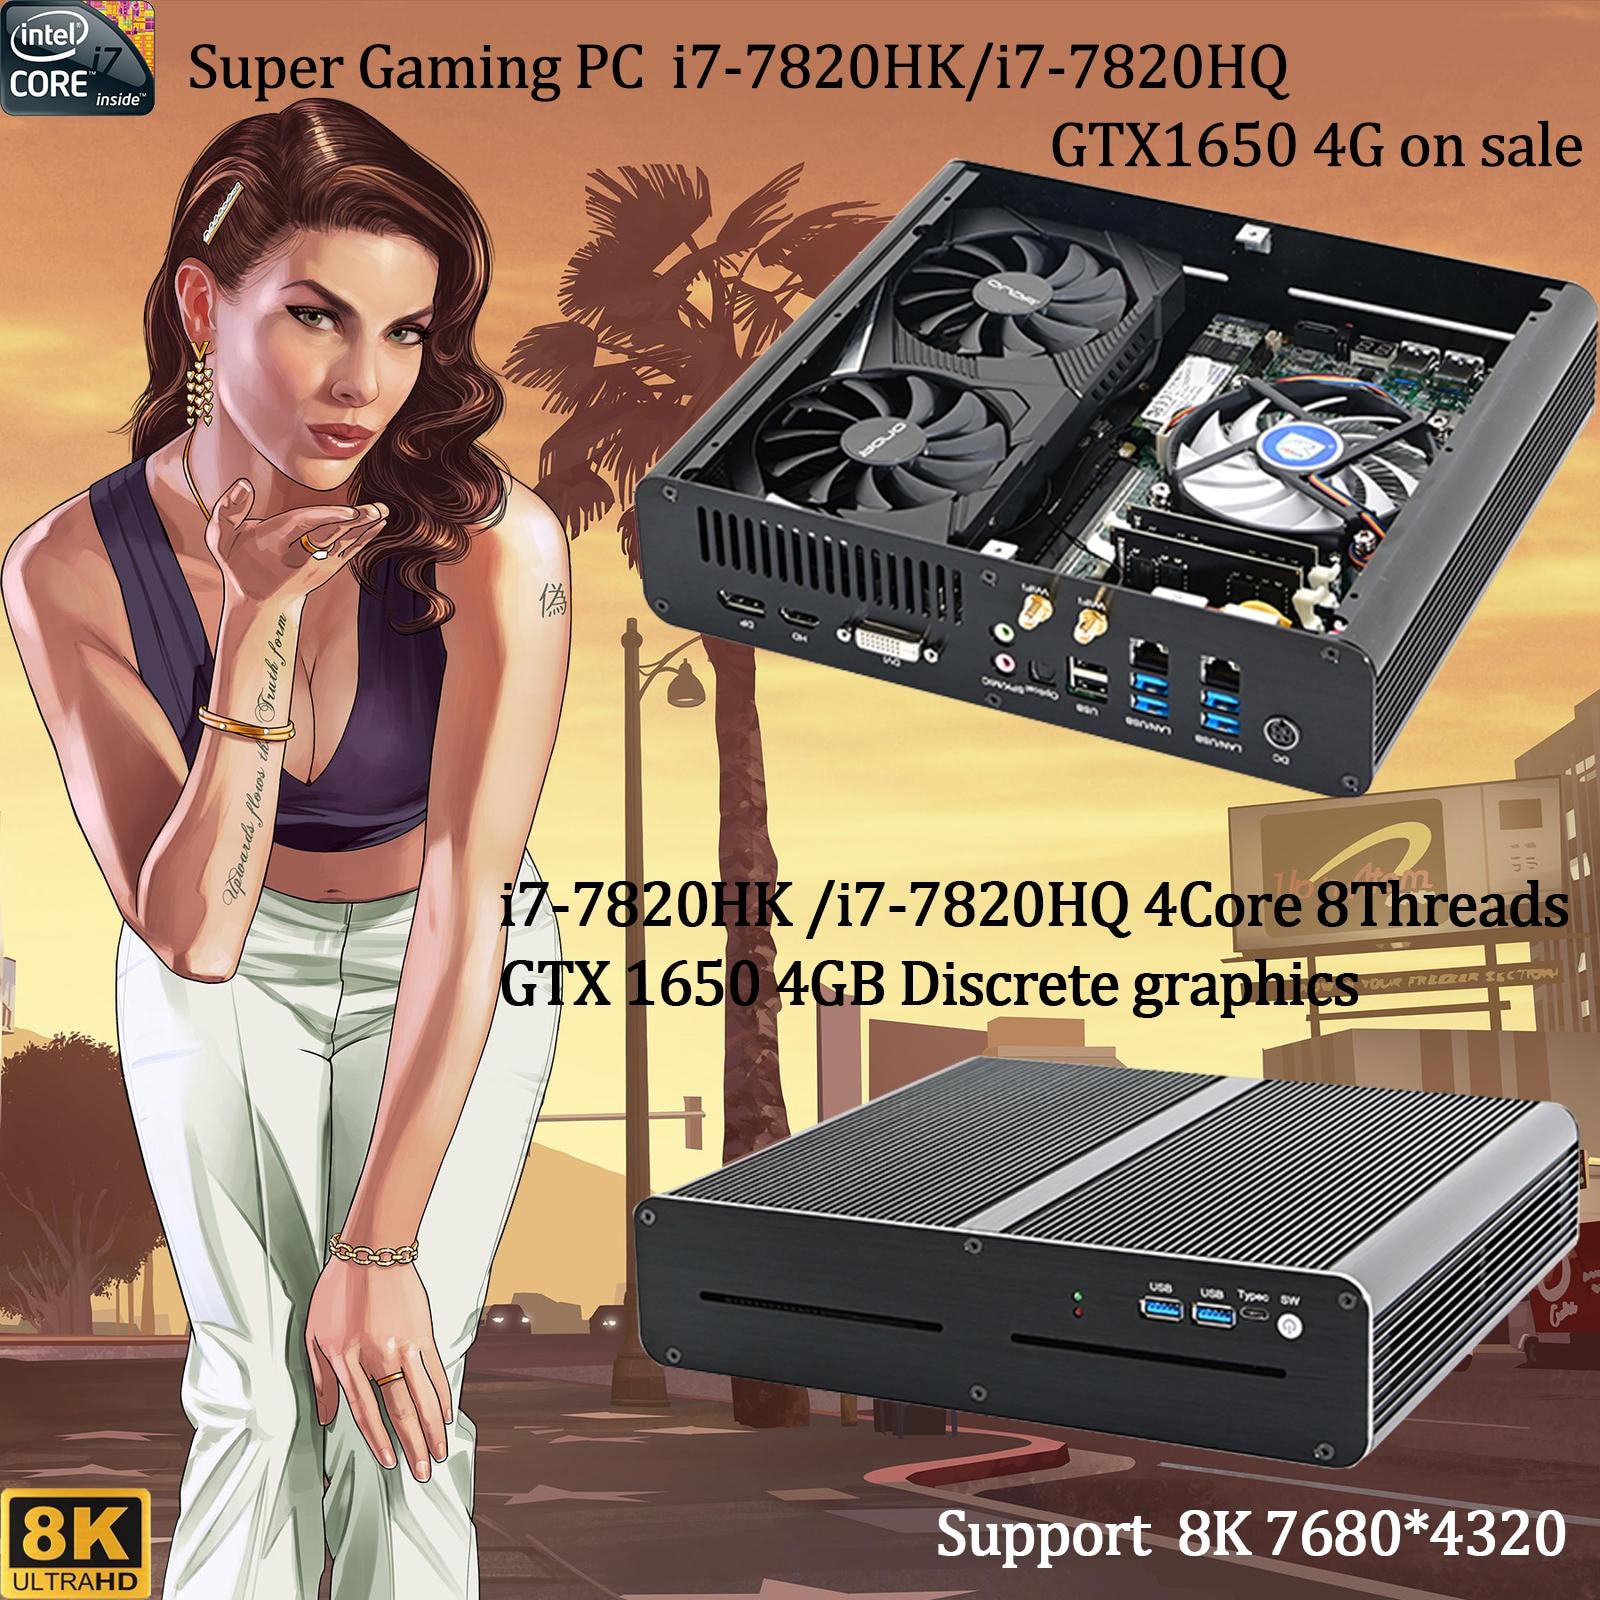 Супер мини игровой пк, Intel Core i7-7820HK/i7-7820HQ GTX 1650, 4 Гб, 2 * DDR4, настольный компьютер, windows 10, 4K, DVI, HDMI, DP